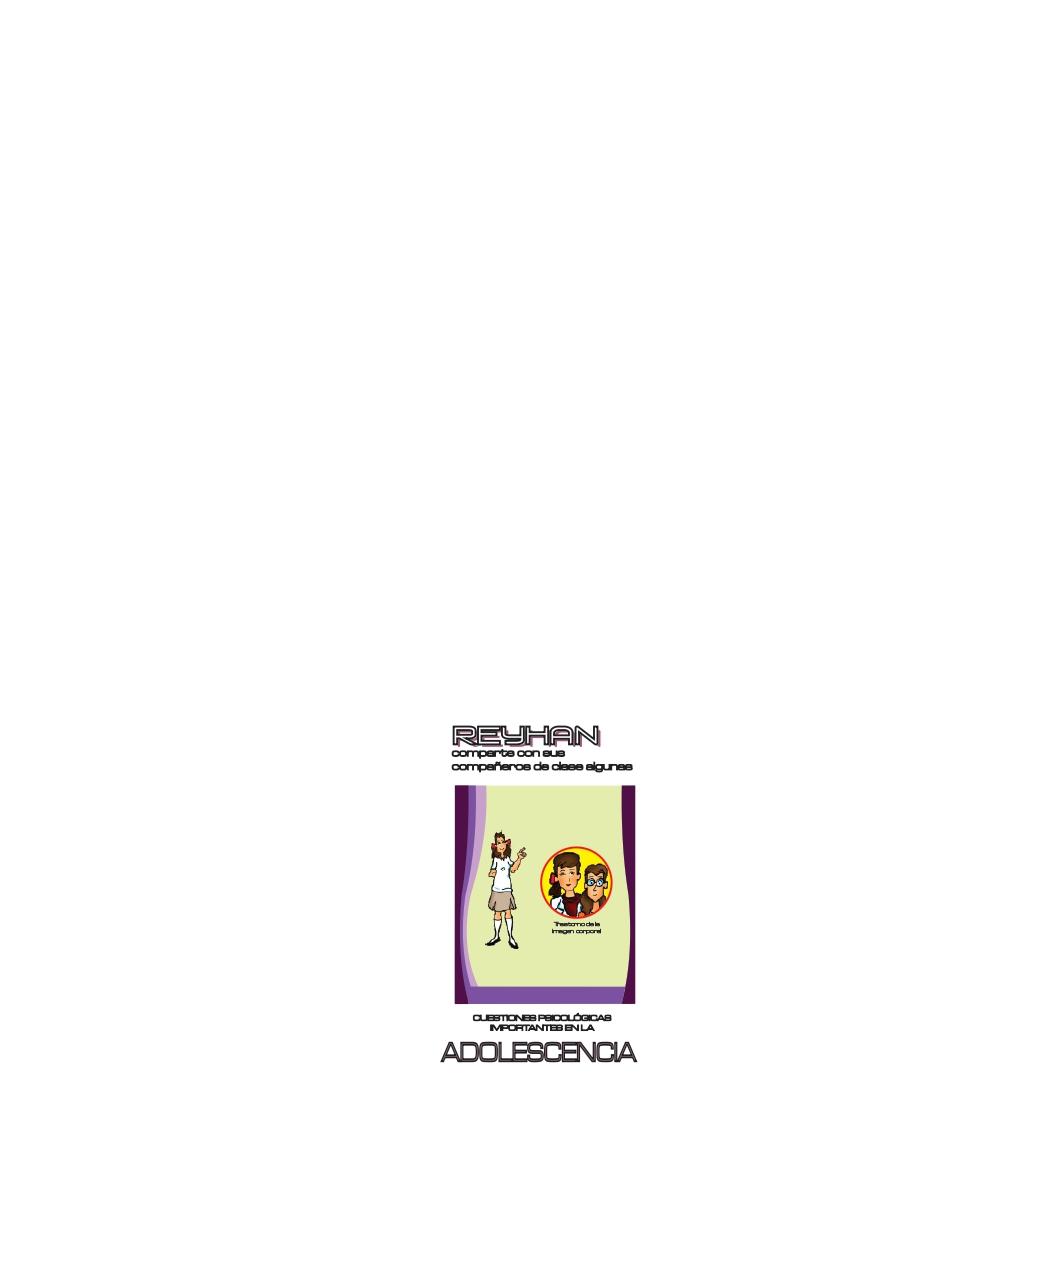 Psicología adolescentes Reyhan cap2 digital_page-0022